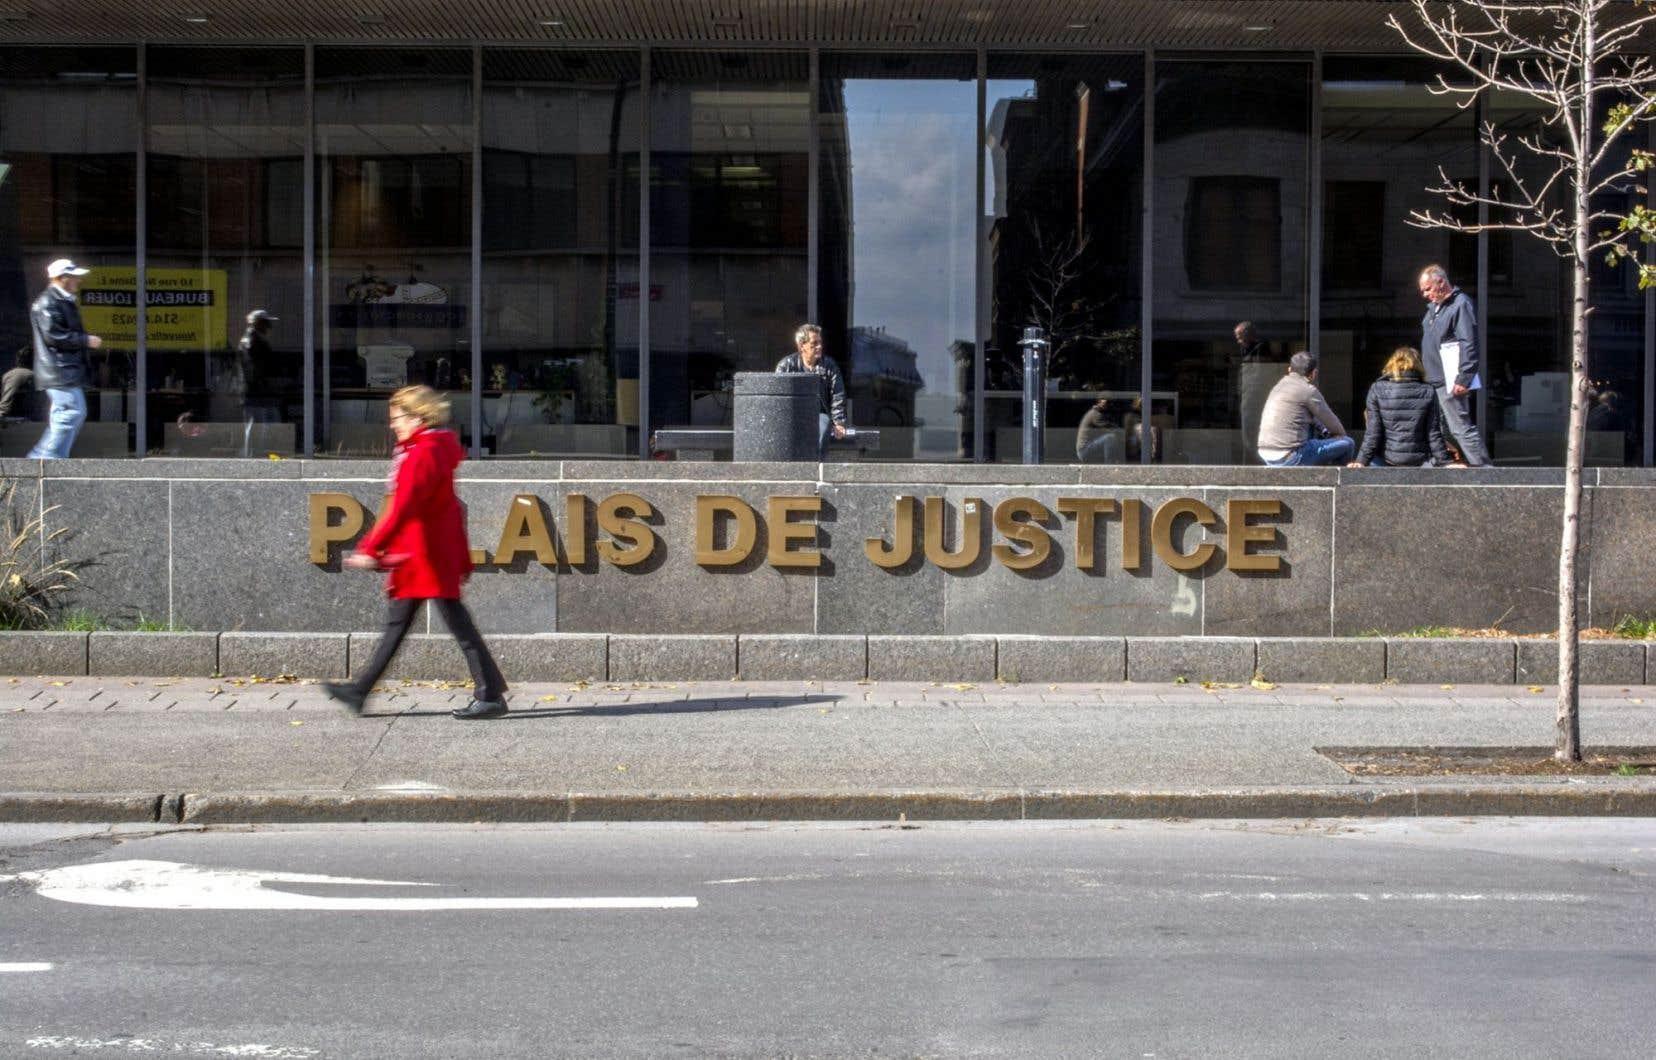 Par son témoignage, qui doit prendre fin ce mardi, Stéphane Gagné tente de convaincre un jury qu'il a payé pour ses gestes et qu'il est prêt à sortir de prison, sous une nouvelle identité.